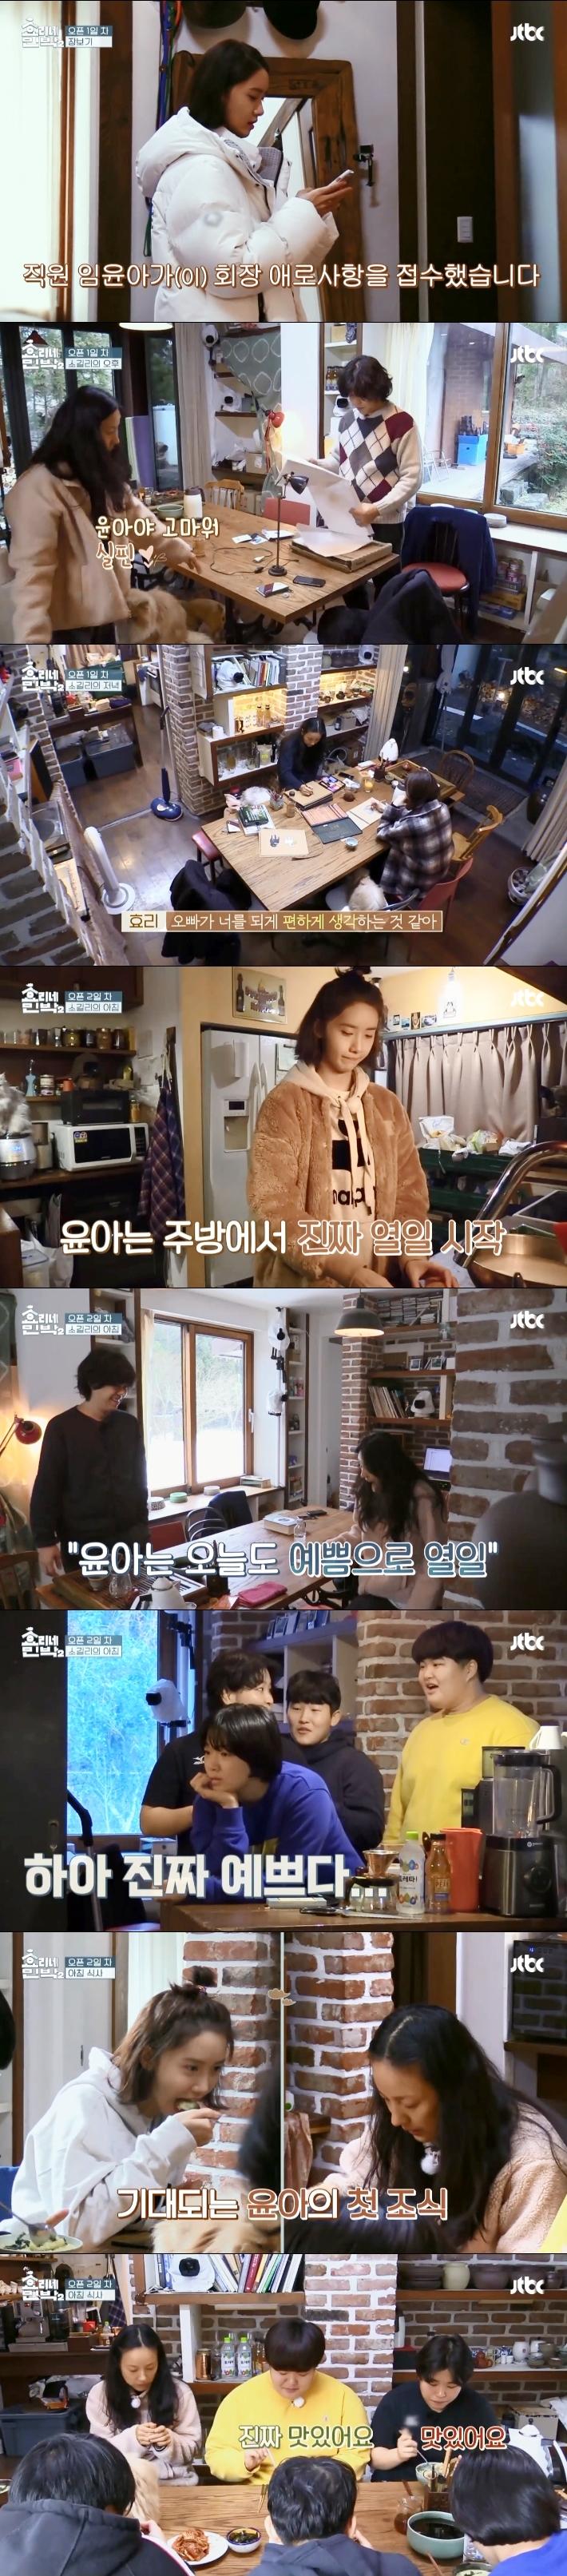 '효리네민박2' 윤아, 인성·미모로 열일하는 직원